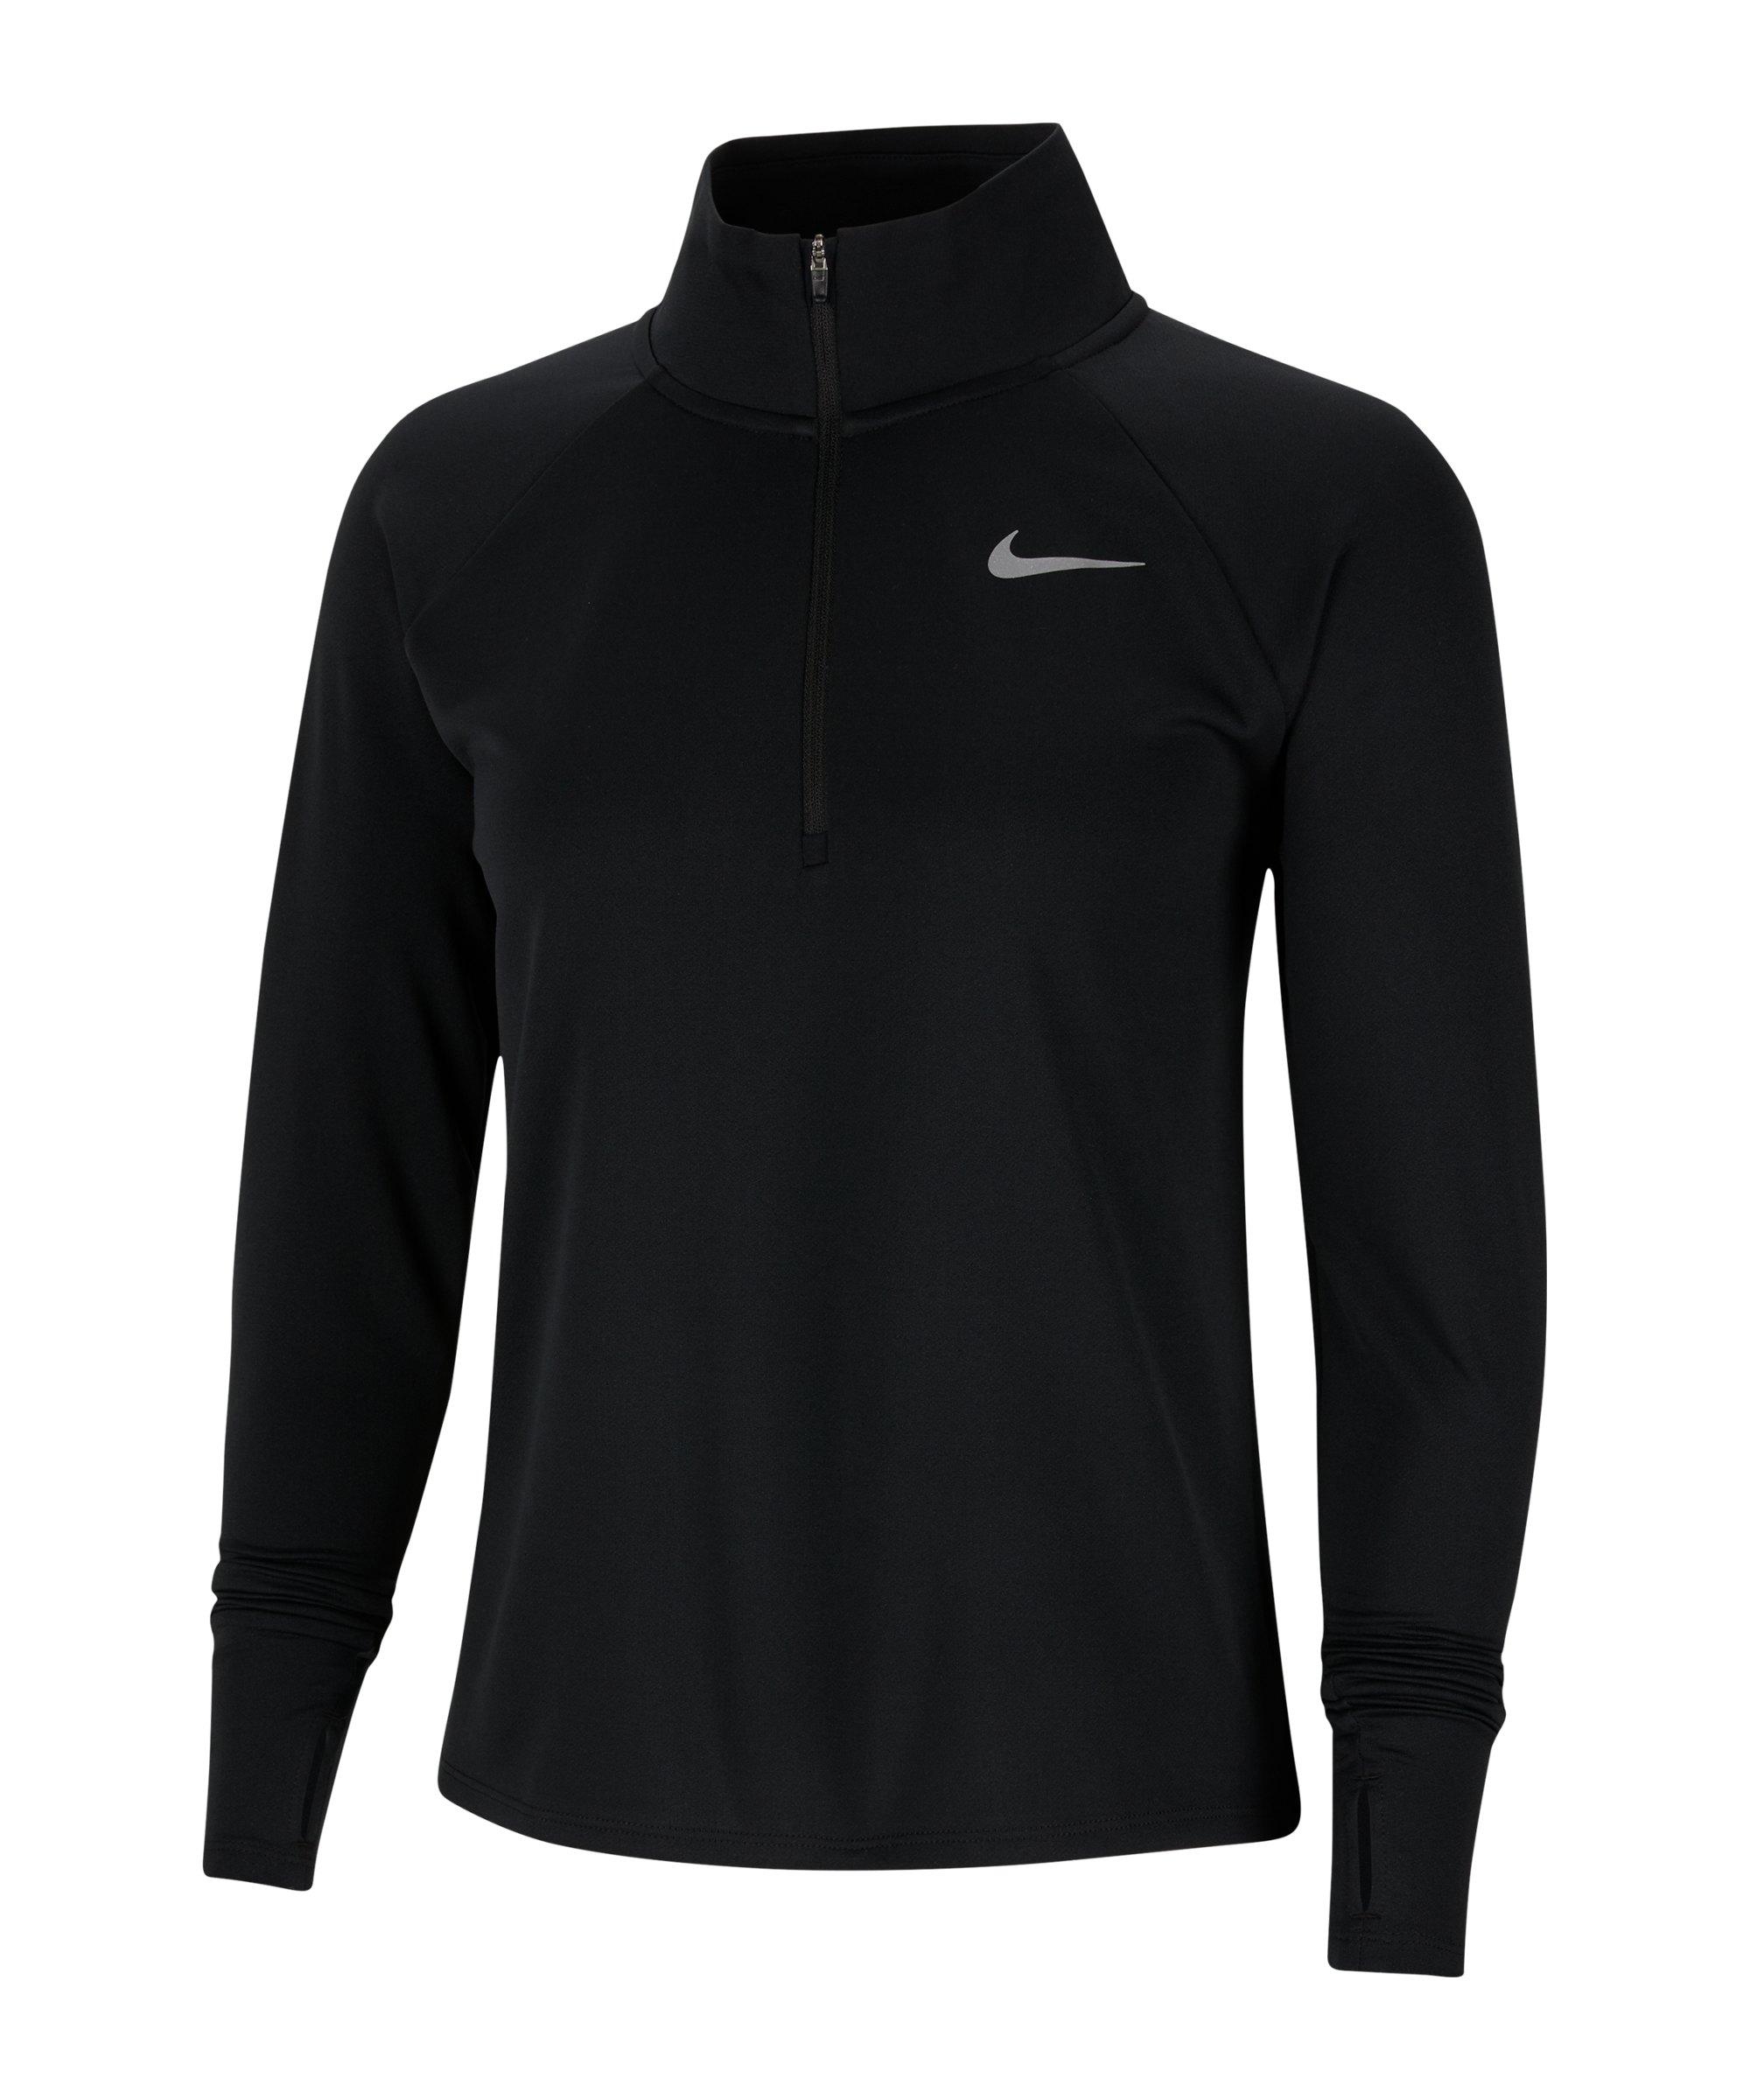 Nike Pacer Shirt langarm Running Damen F010 - schwarz